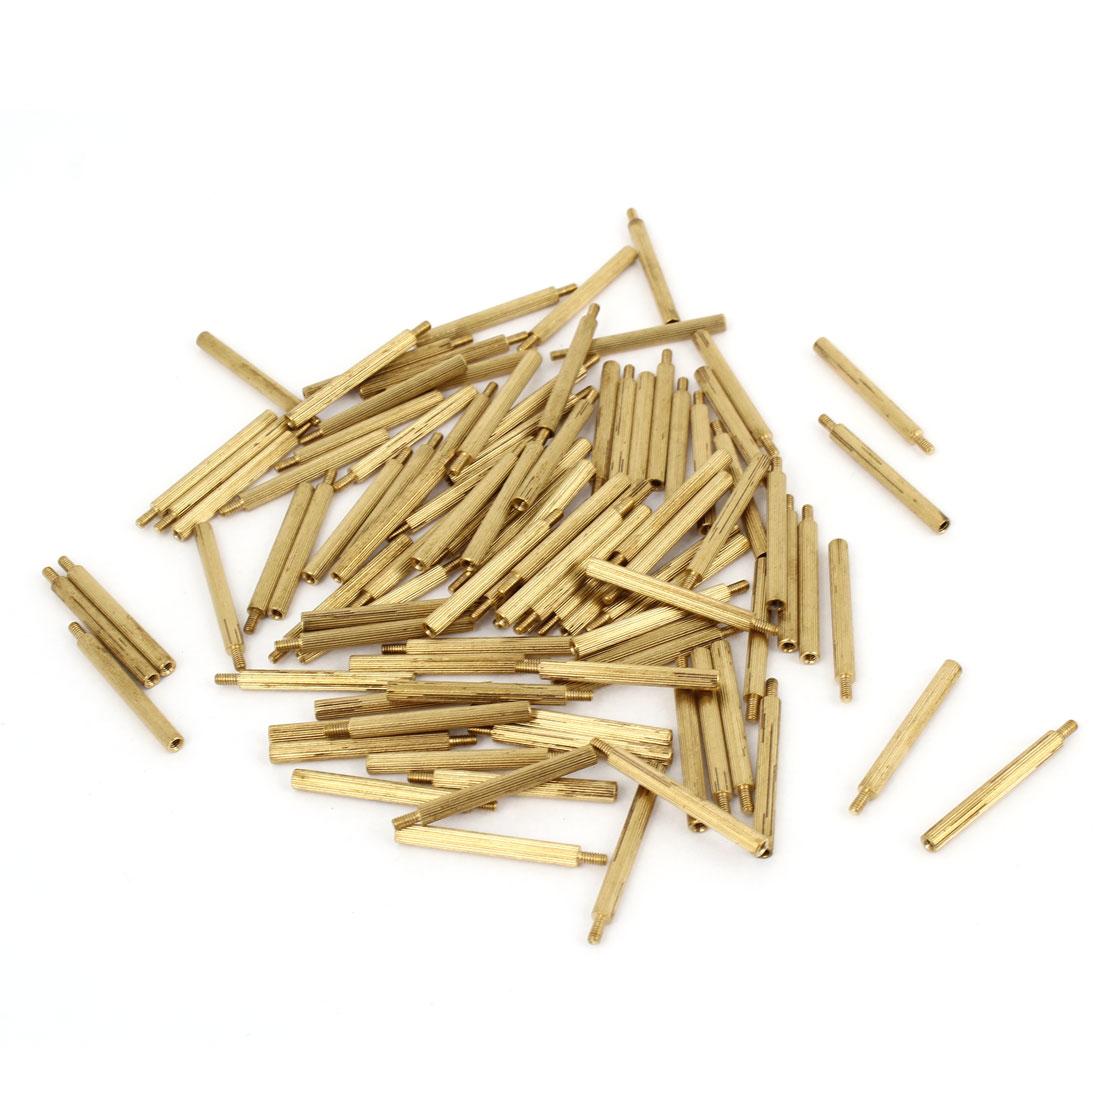 100Pcs Male to Female Thread PCB Board Brass Pillars Standoff M2x27mm